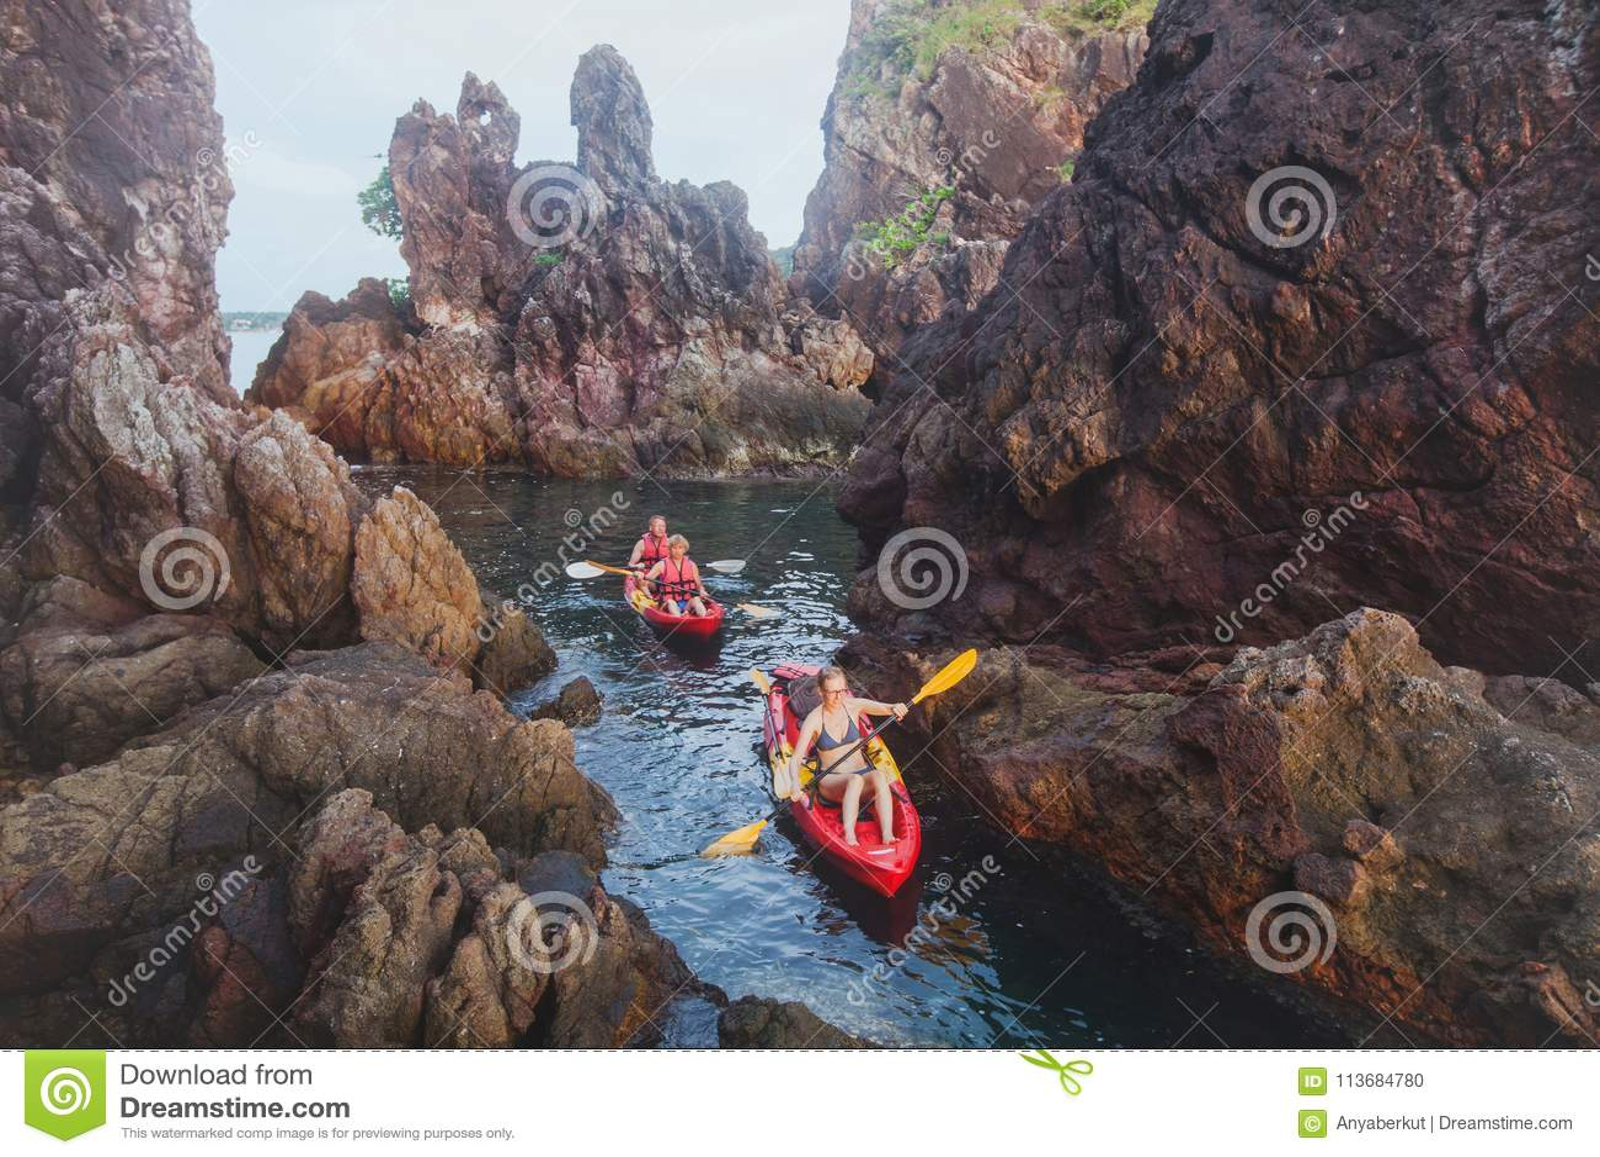 Kayaking, curso da aventura, grupo de pessoas em caiaque